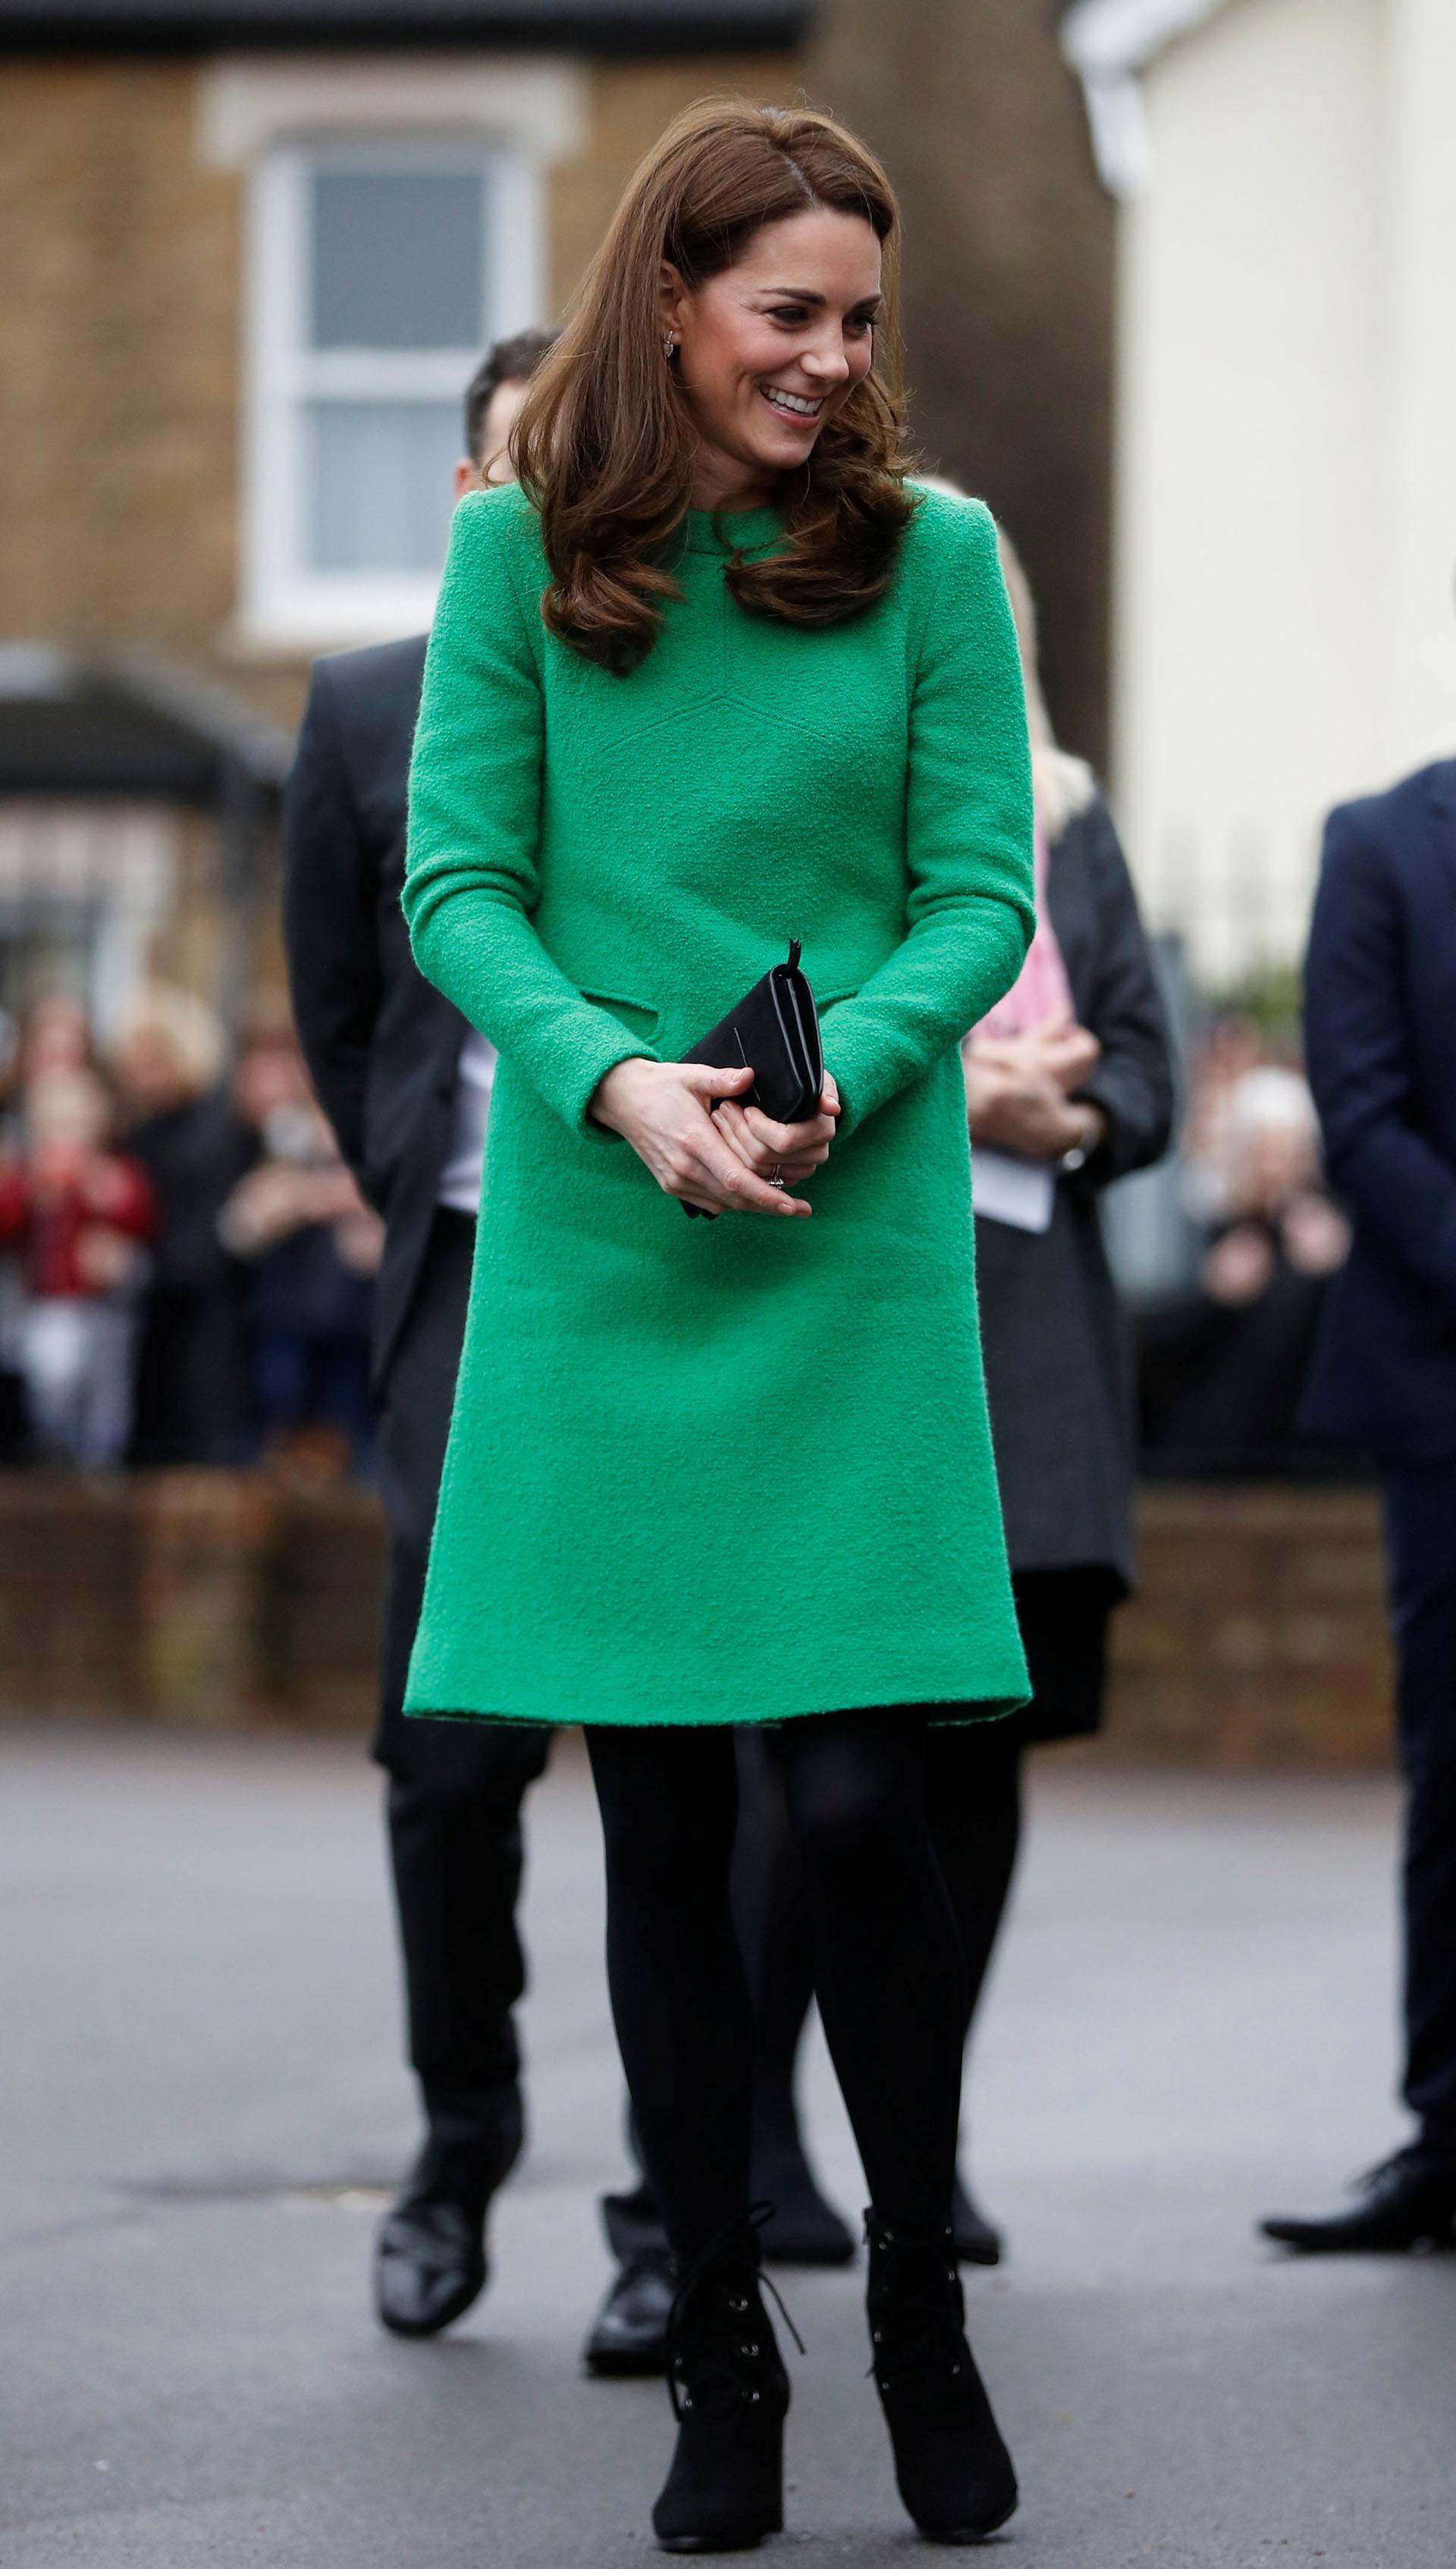 La esposa del príncipe Guillermo cautivó con su look: un vestido verde esmeralda que acompañó con medias negras y botinetas